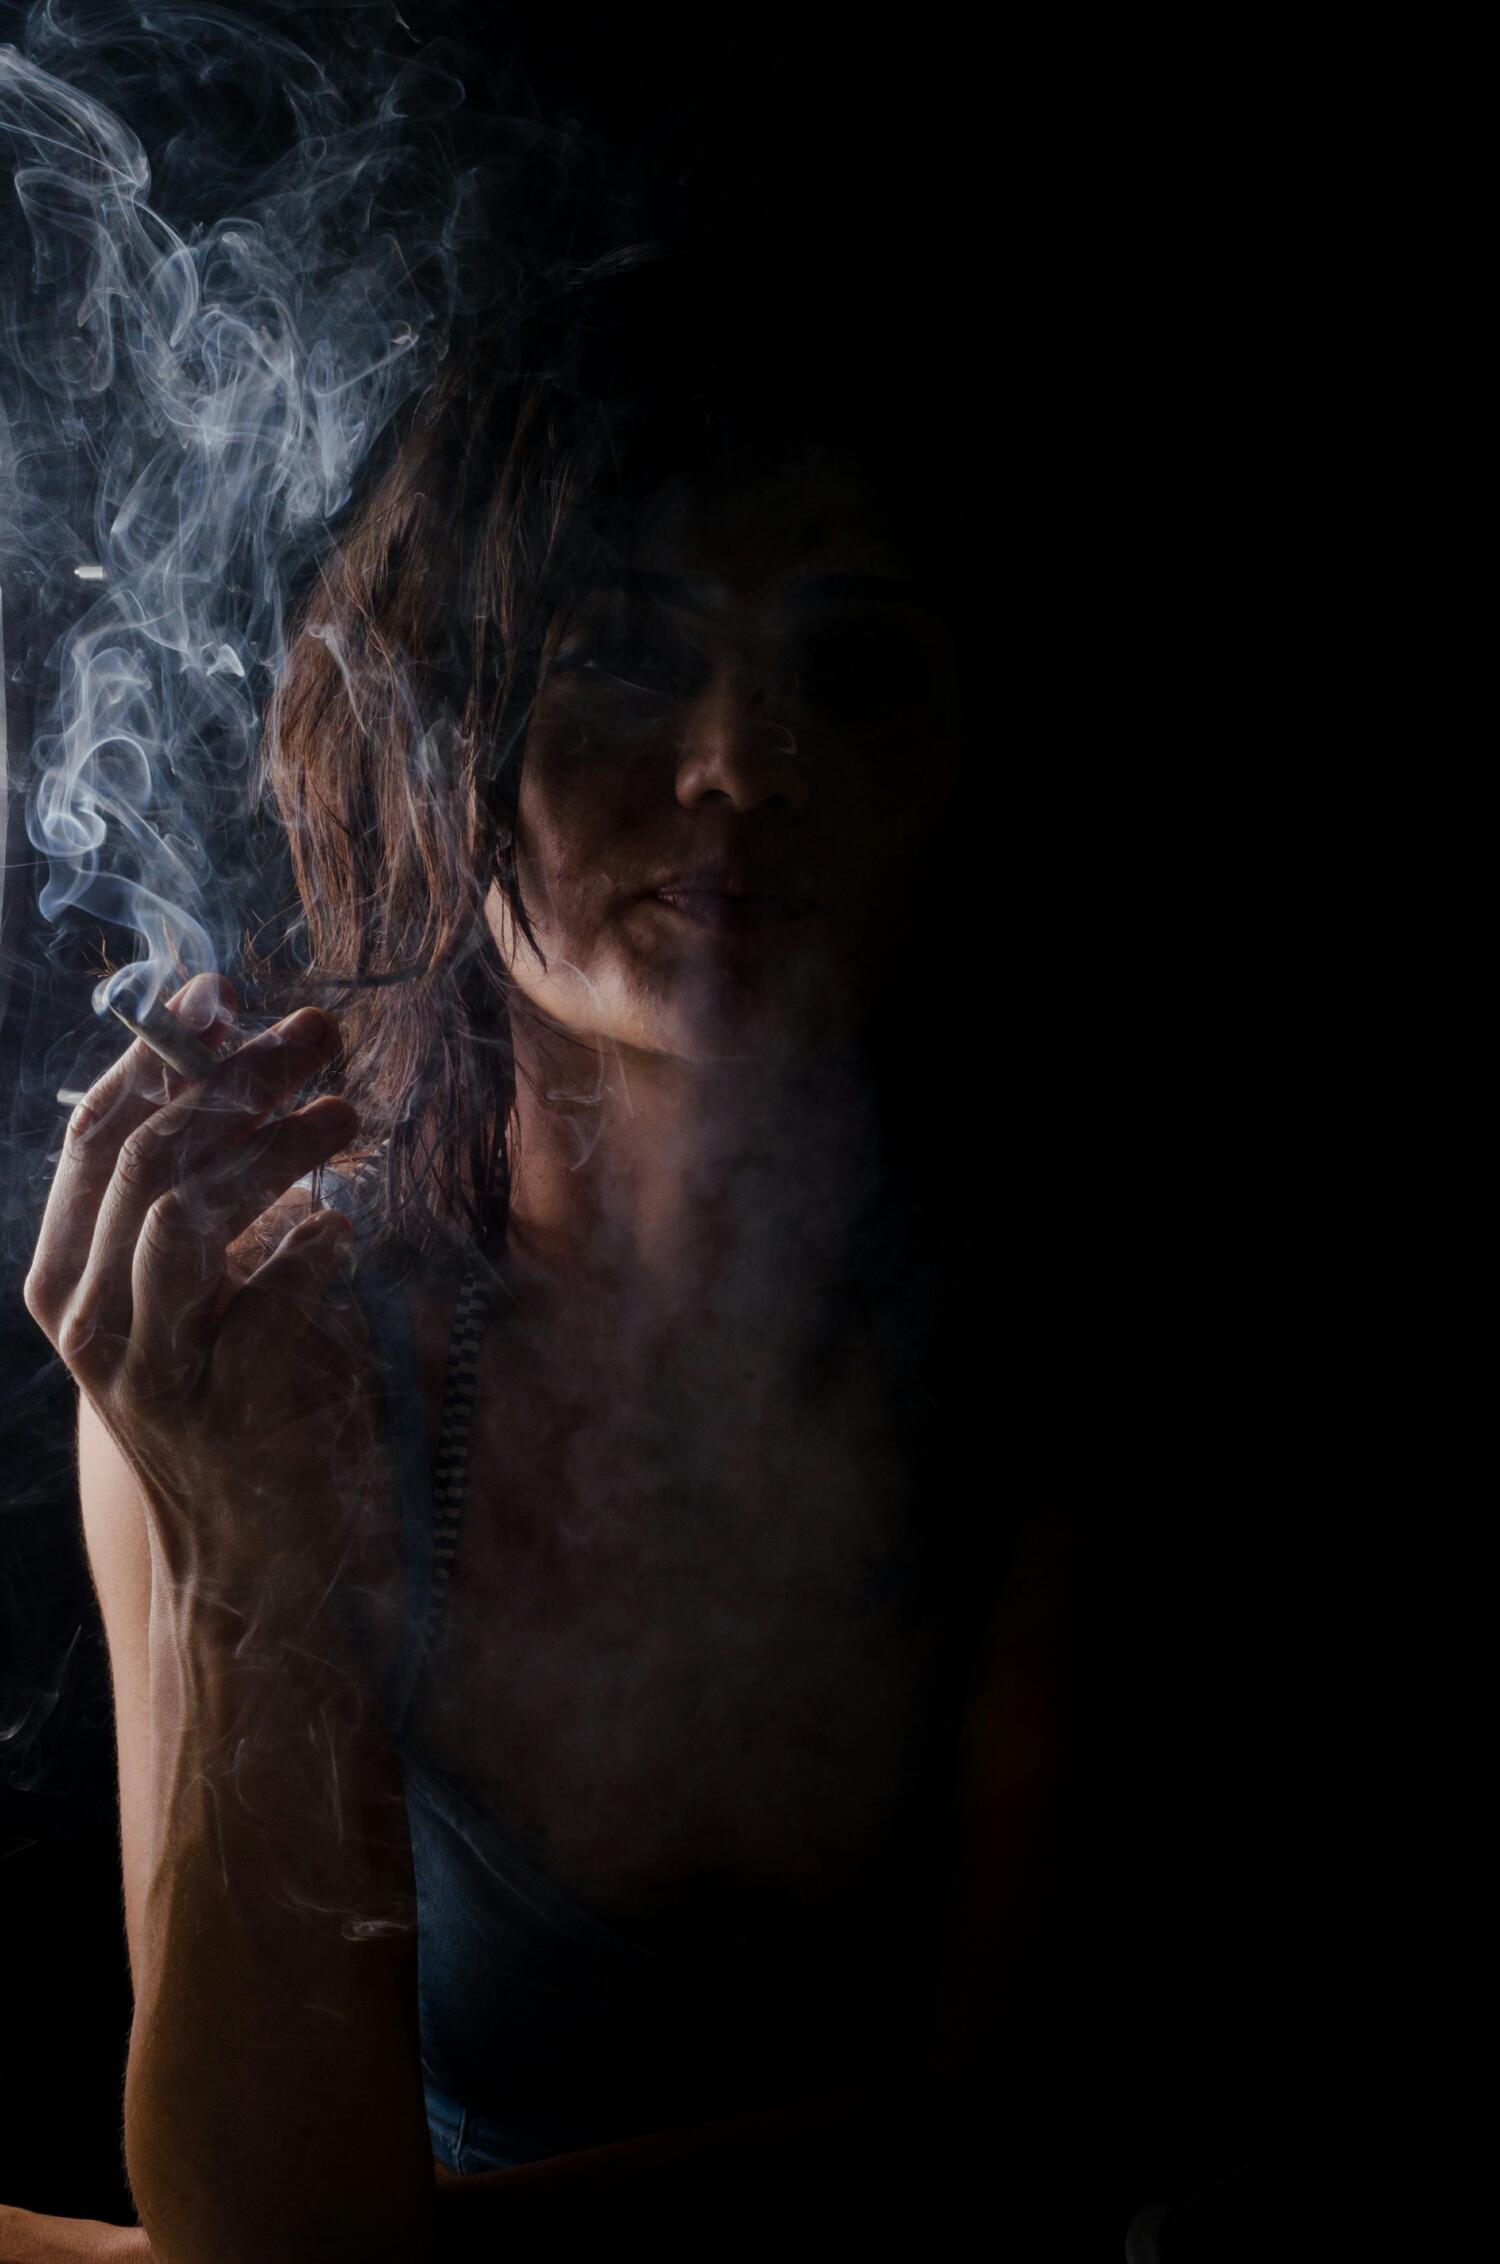 #lowkey #smoke #exhale #emmanueldiazphotoartist